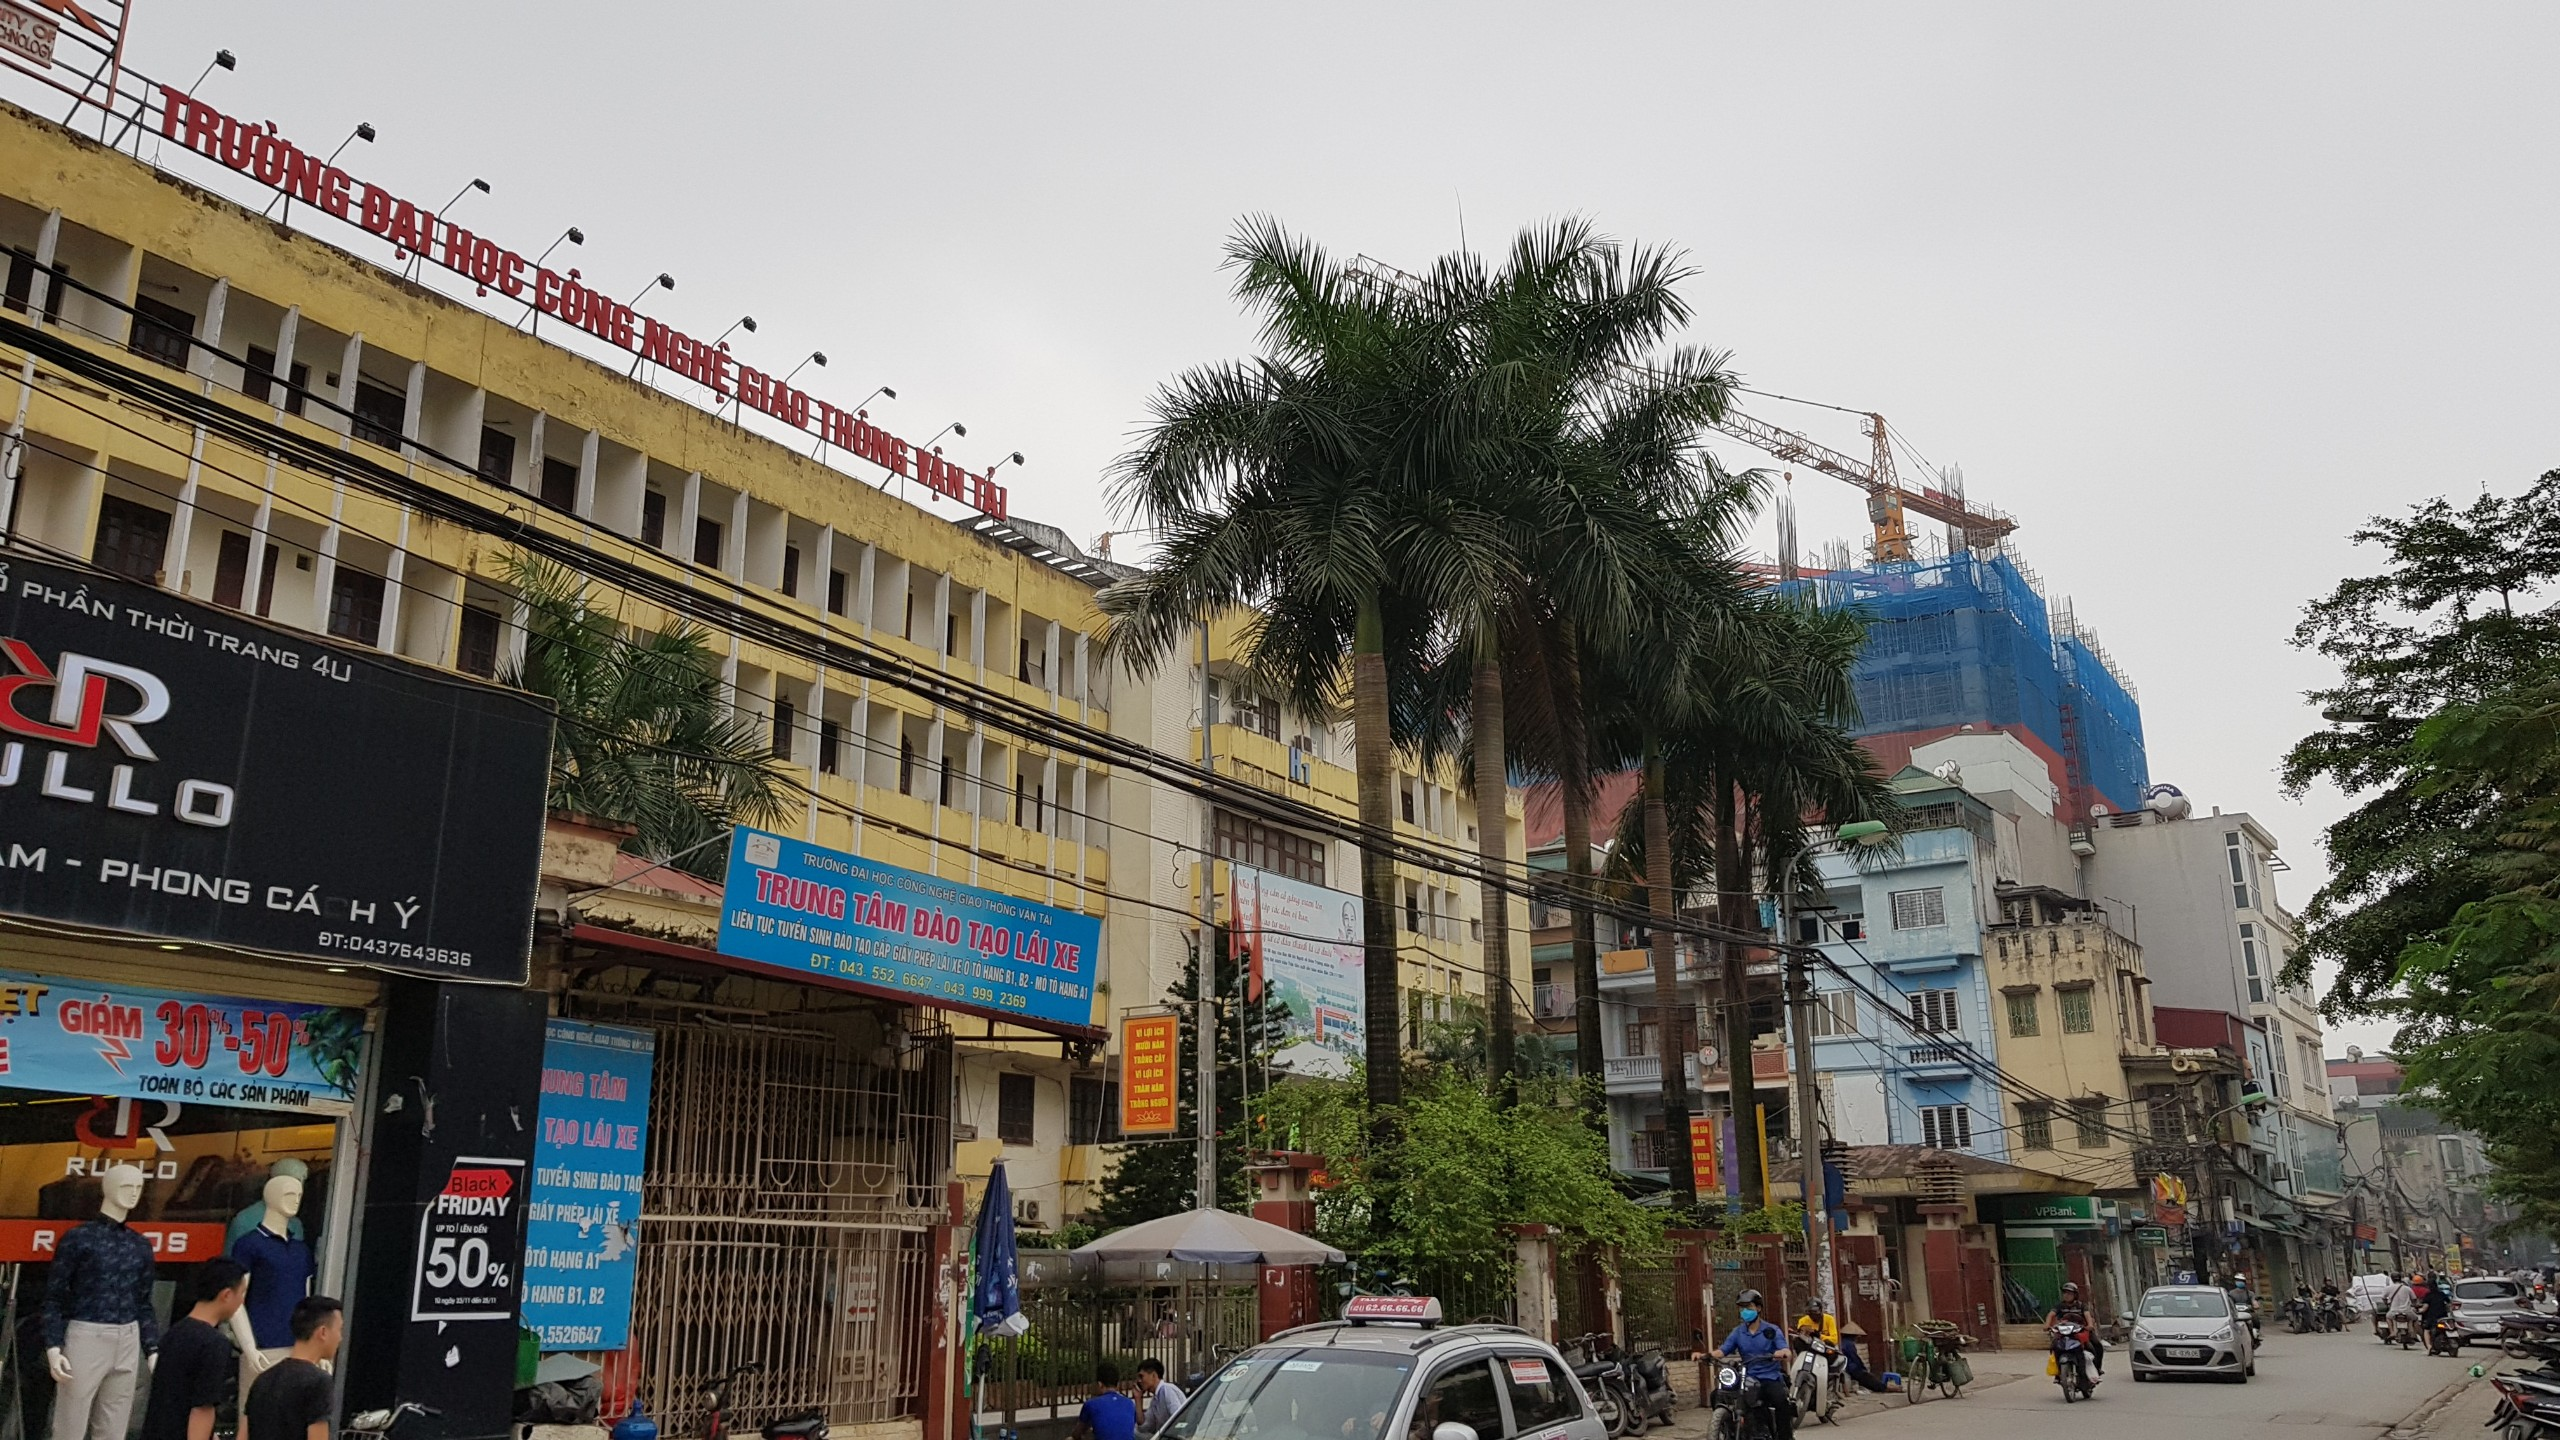 Chung cư PCC1 Thanh Xuân trường đại học gtvt